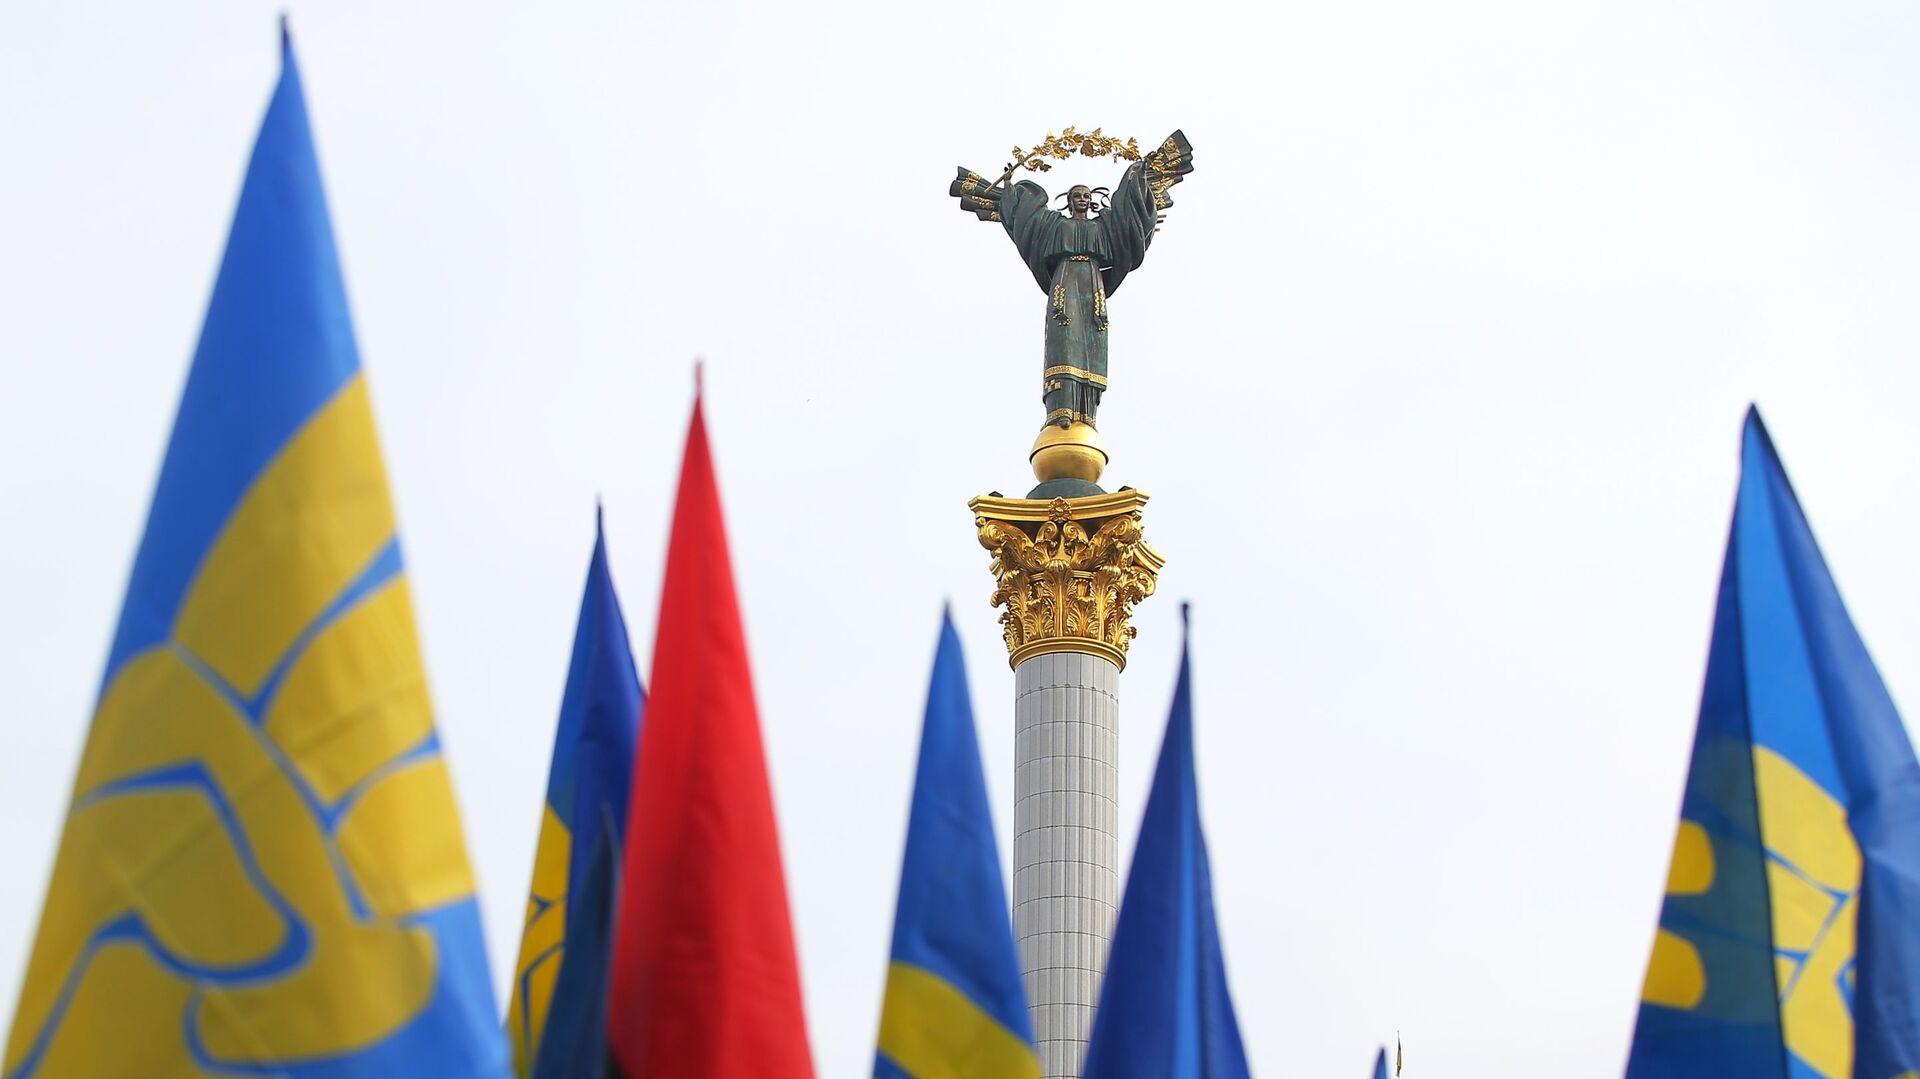 Zastave na Trgu nezavisnosti u Kijevu - Sputnik Srbija, 1920, 02.08.2021